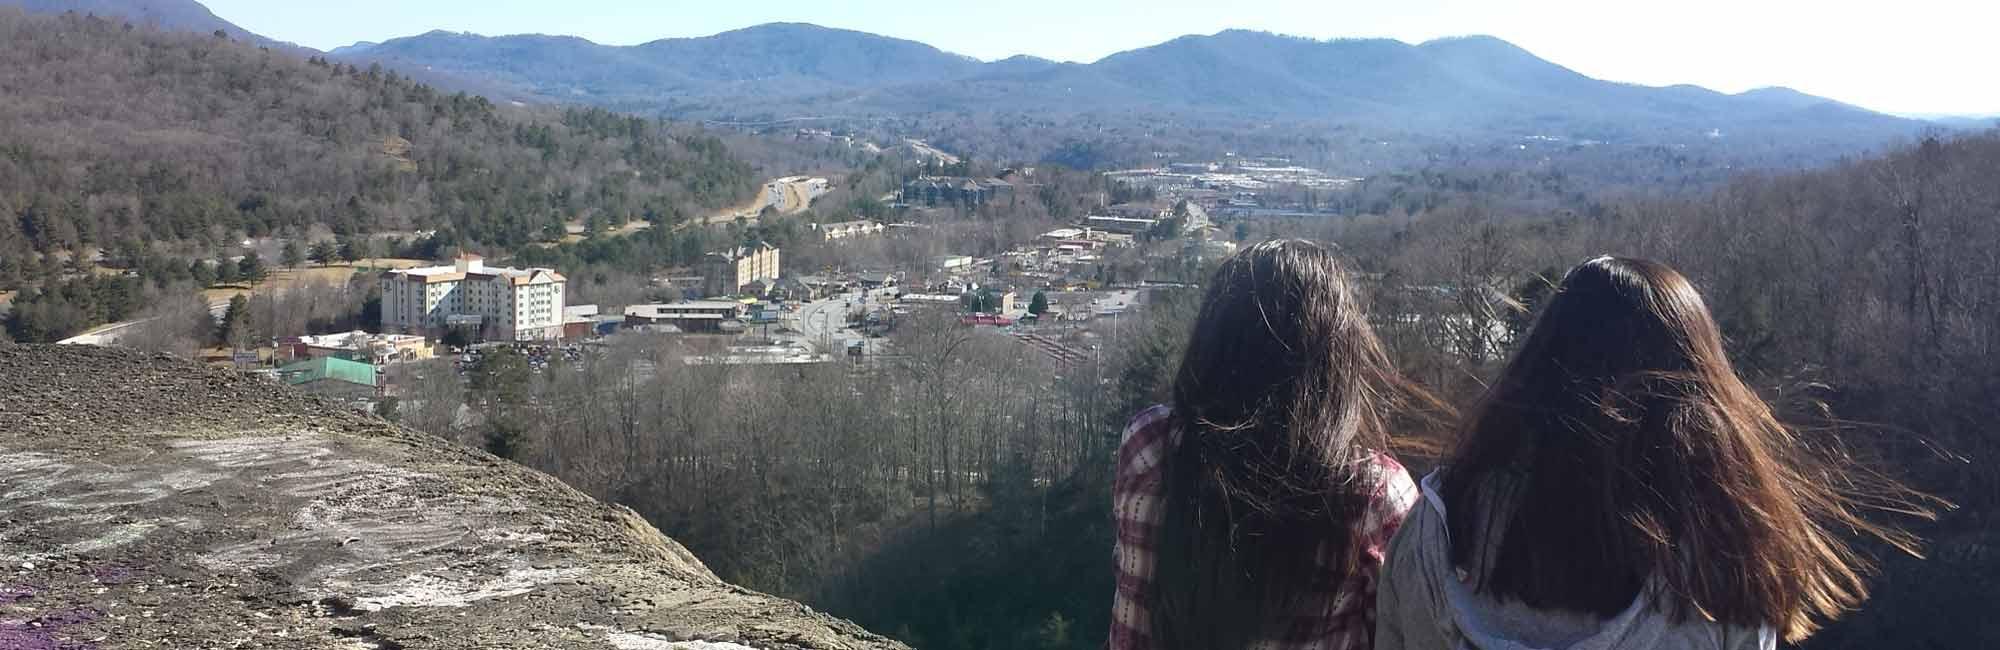 East Asheville